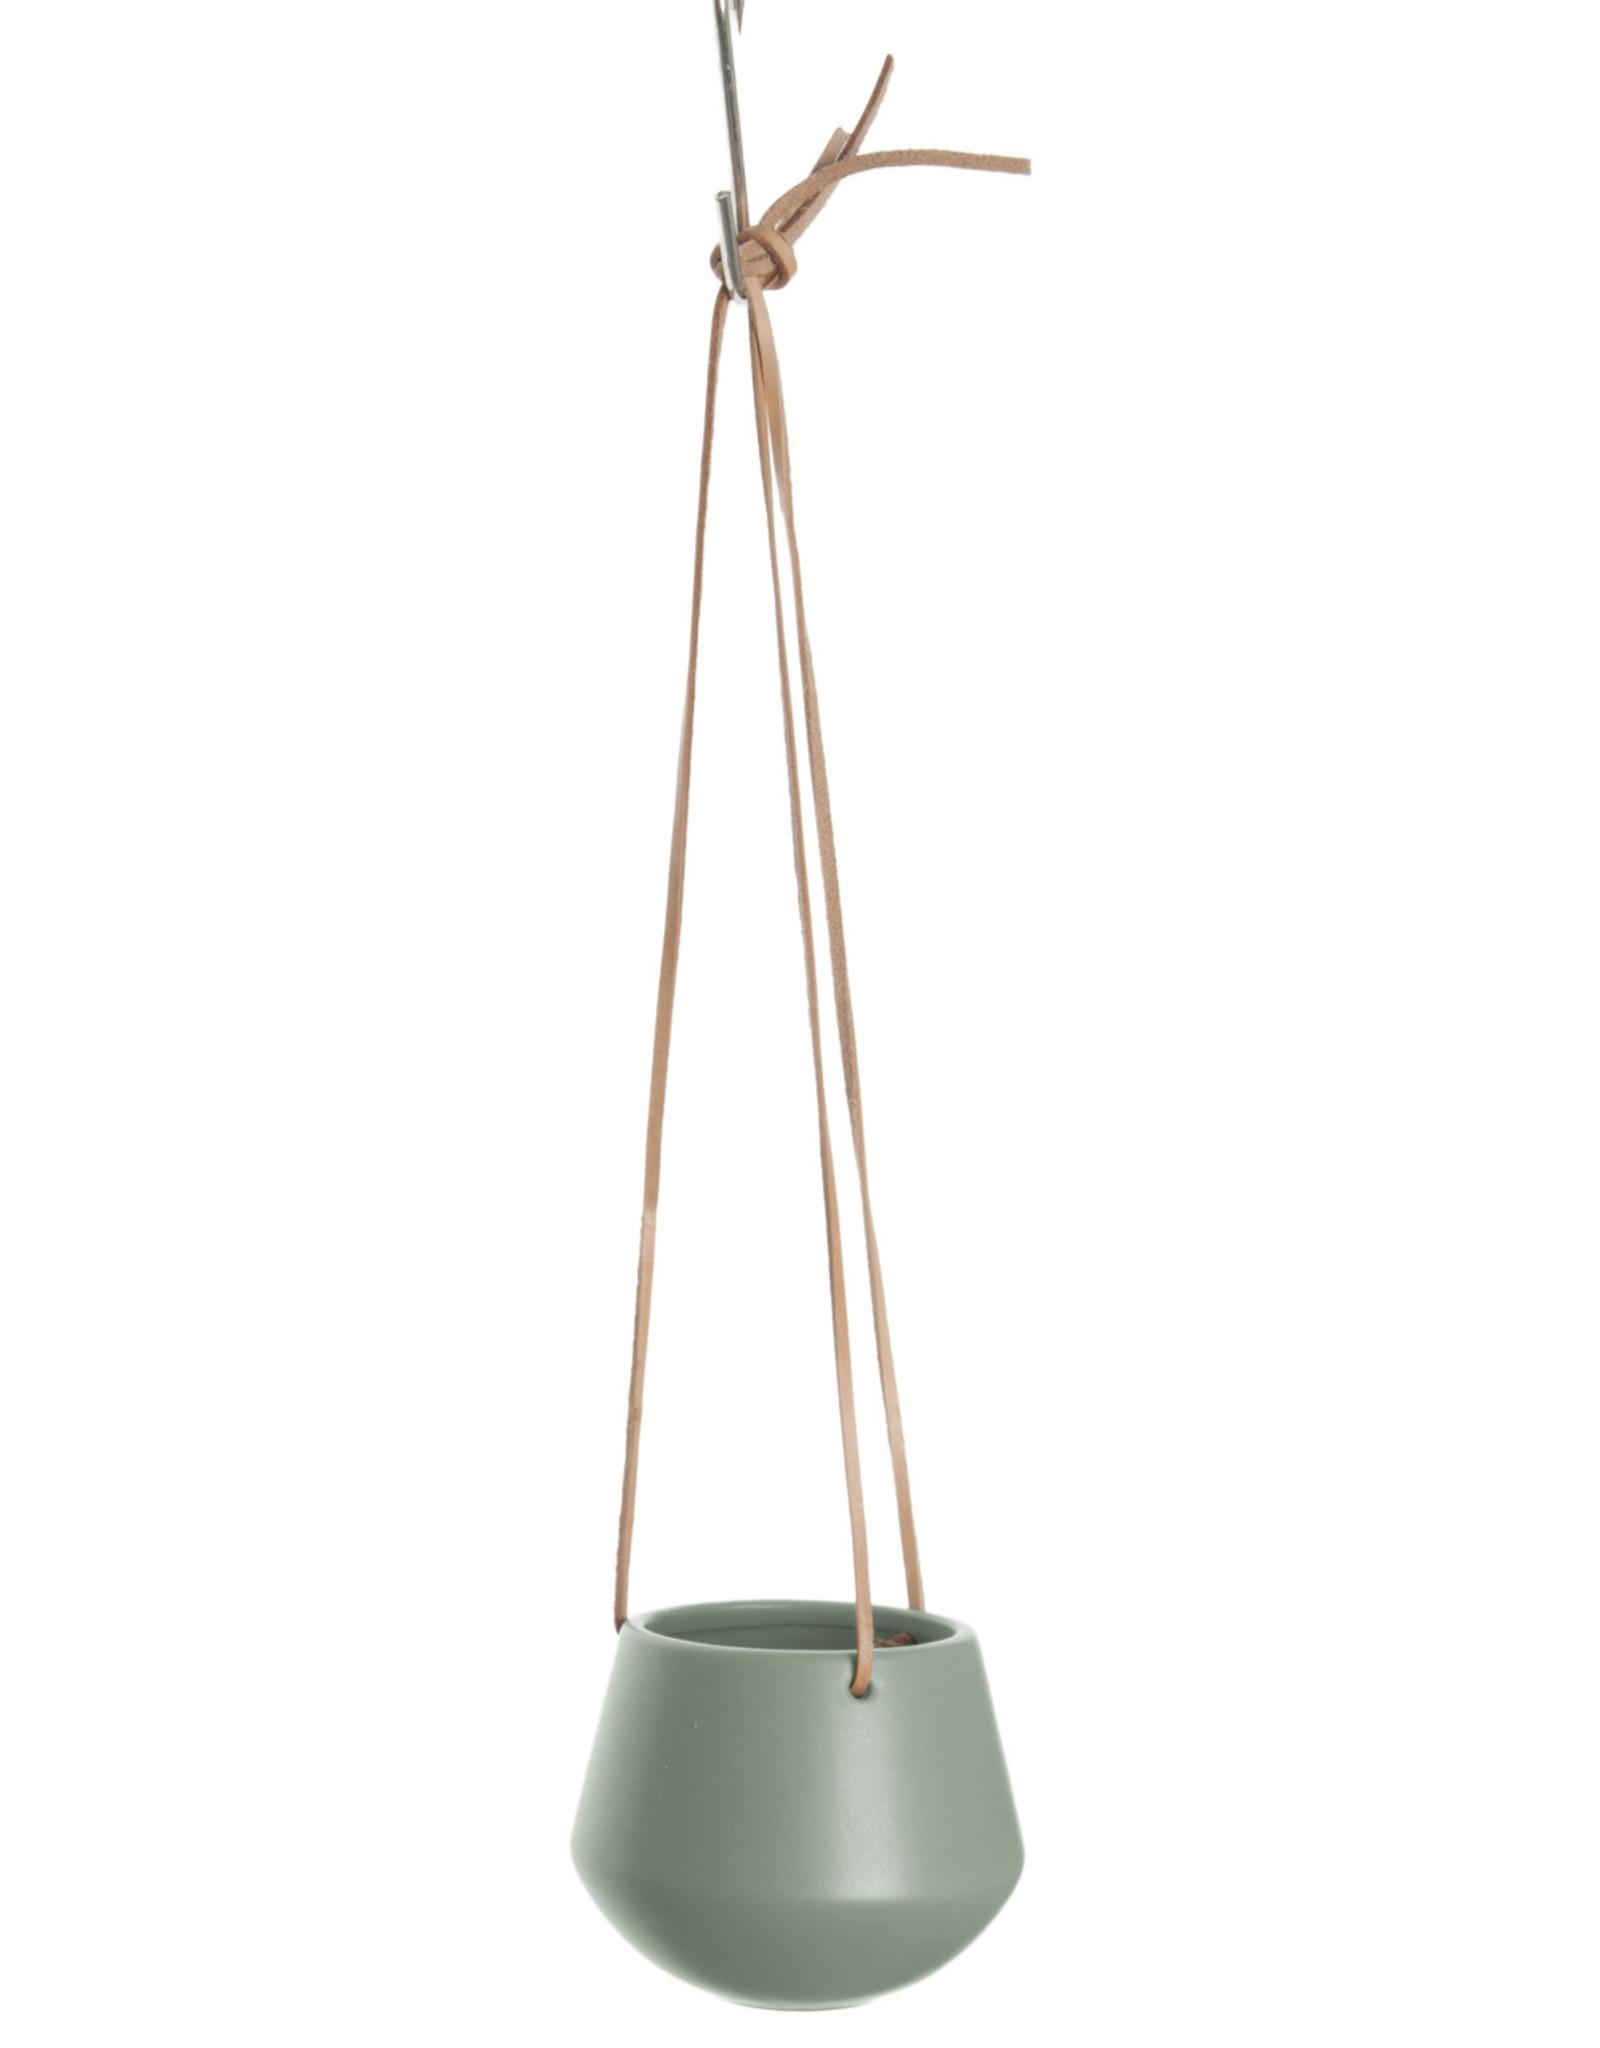 pt Skittle pot à suspendre Ø9 cm, length 66 cm - Jungle vert